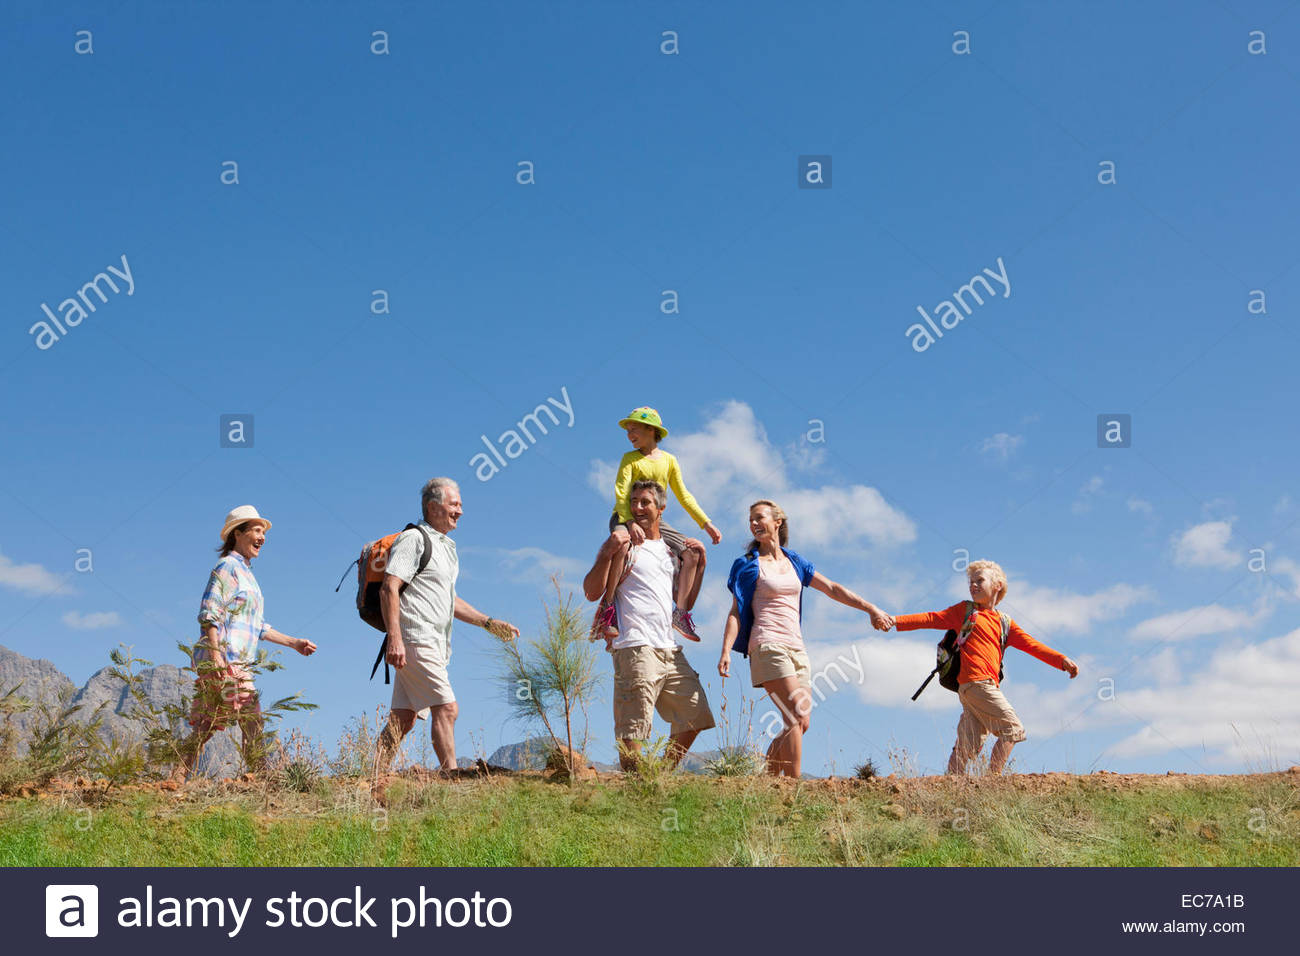 Multi generation family randonnées sur sentier de montagne Photo Stock